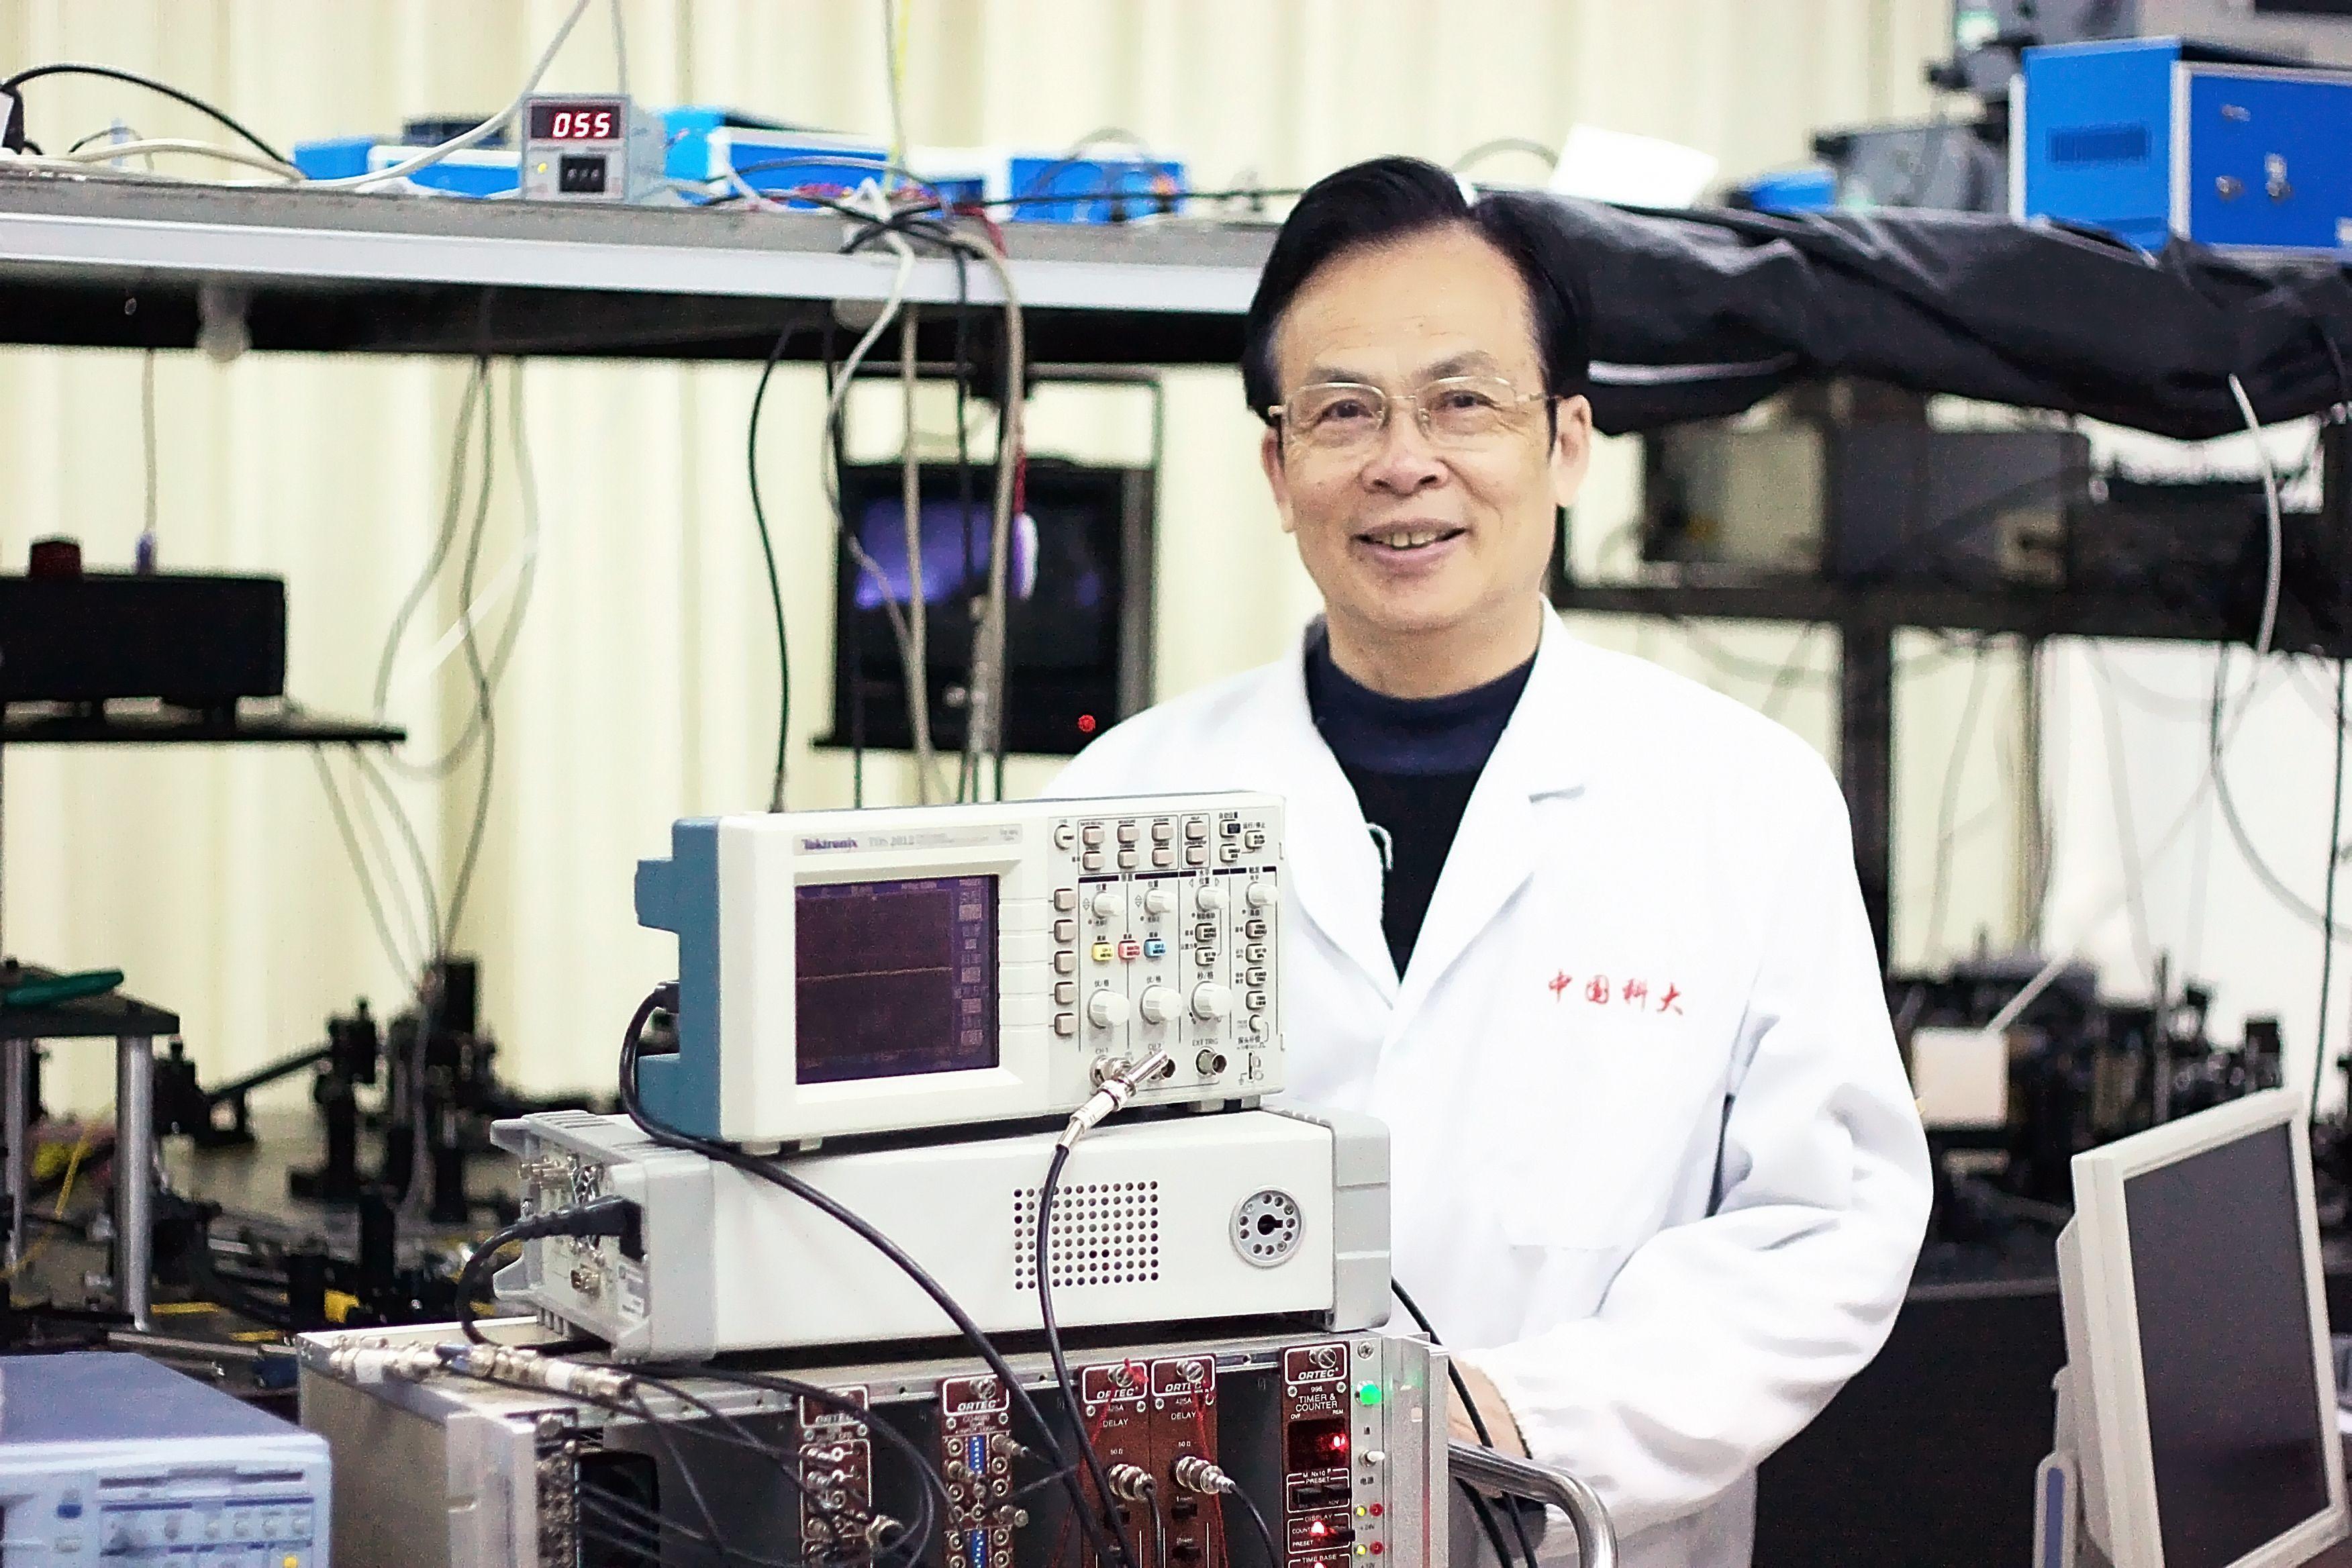 对话郭光灿院士:量子力学早已进入生活,量子科技将改变生活